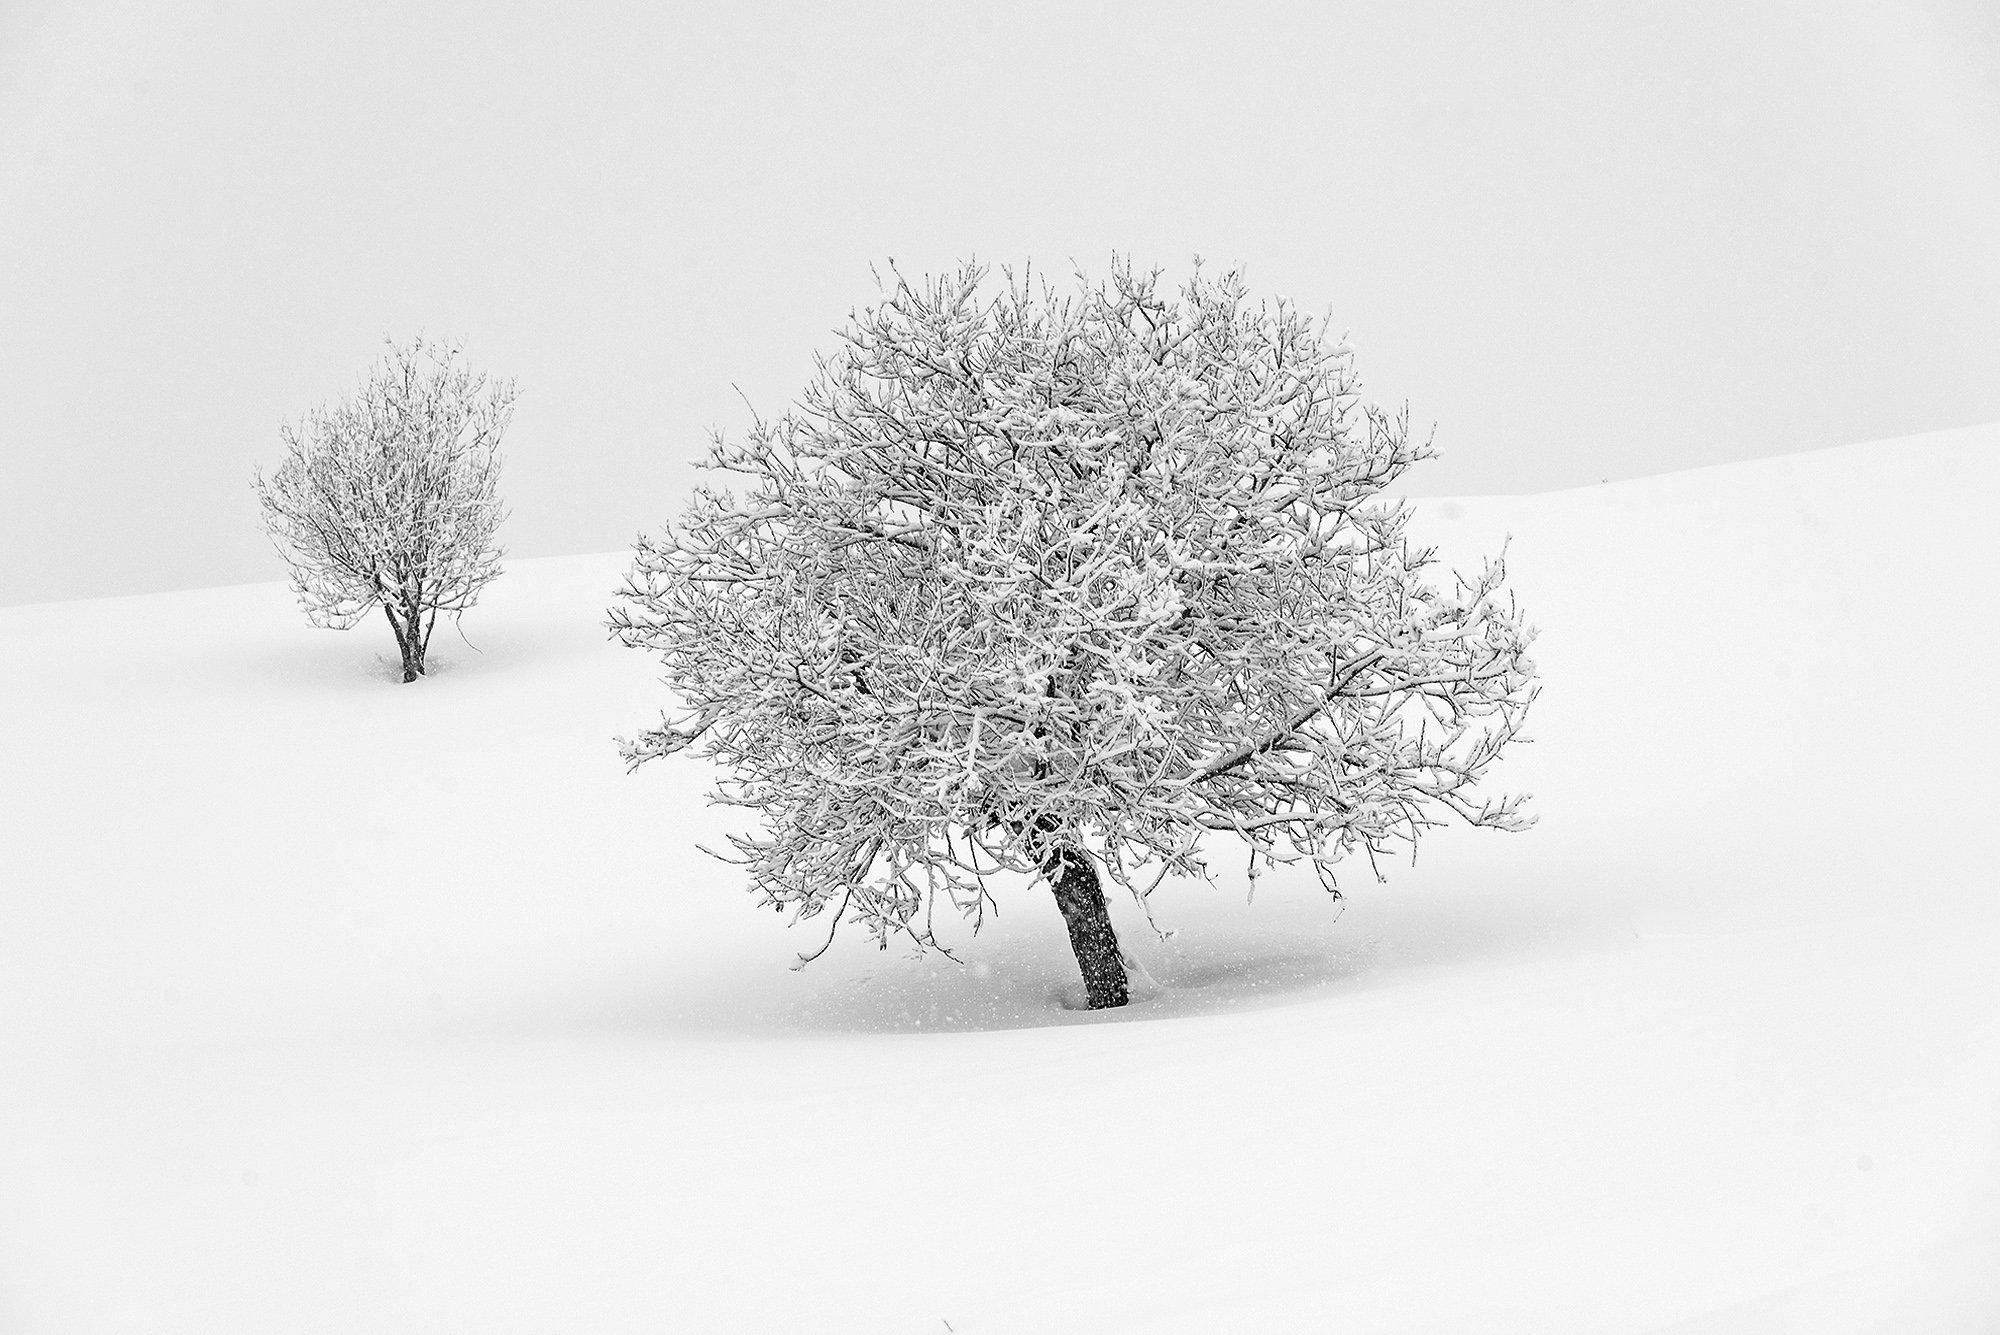 алтай, зима, снег, дерево, сибирь, снегопад, Павел Филатов